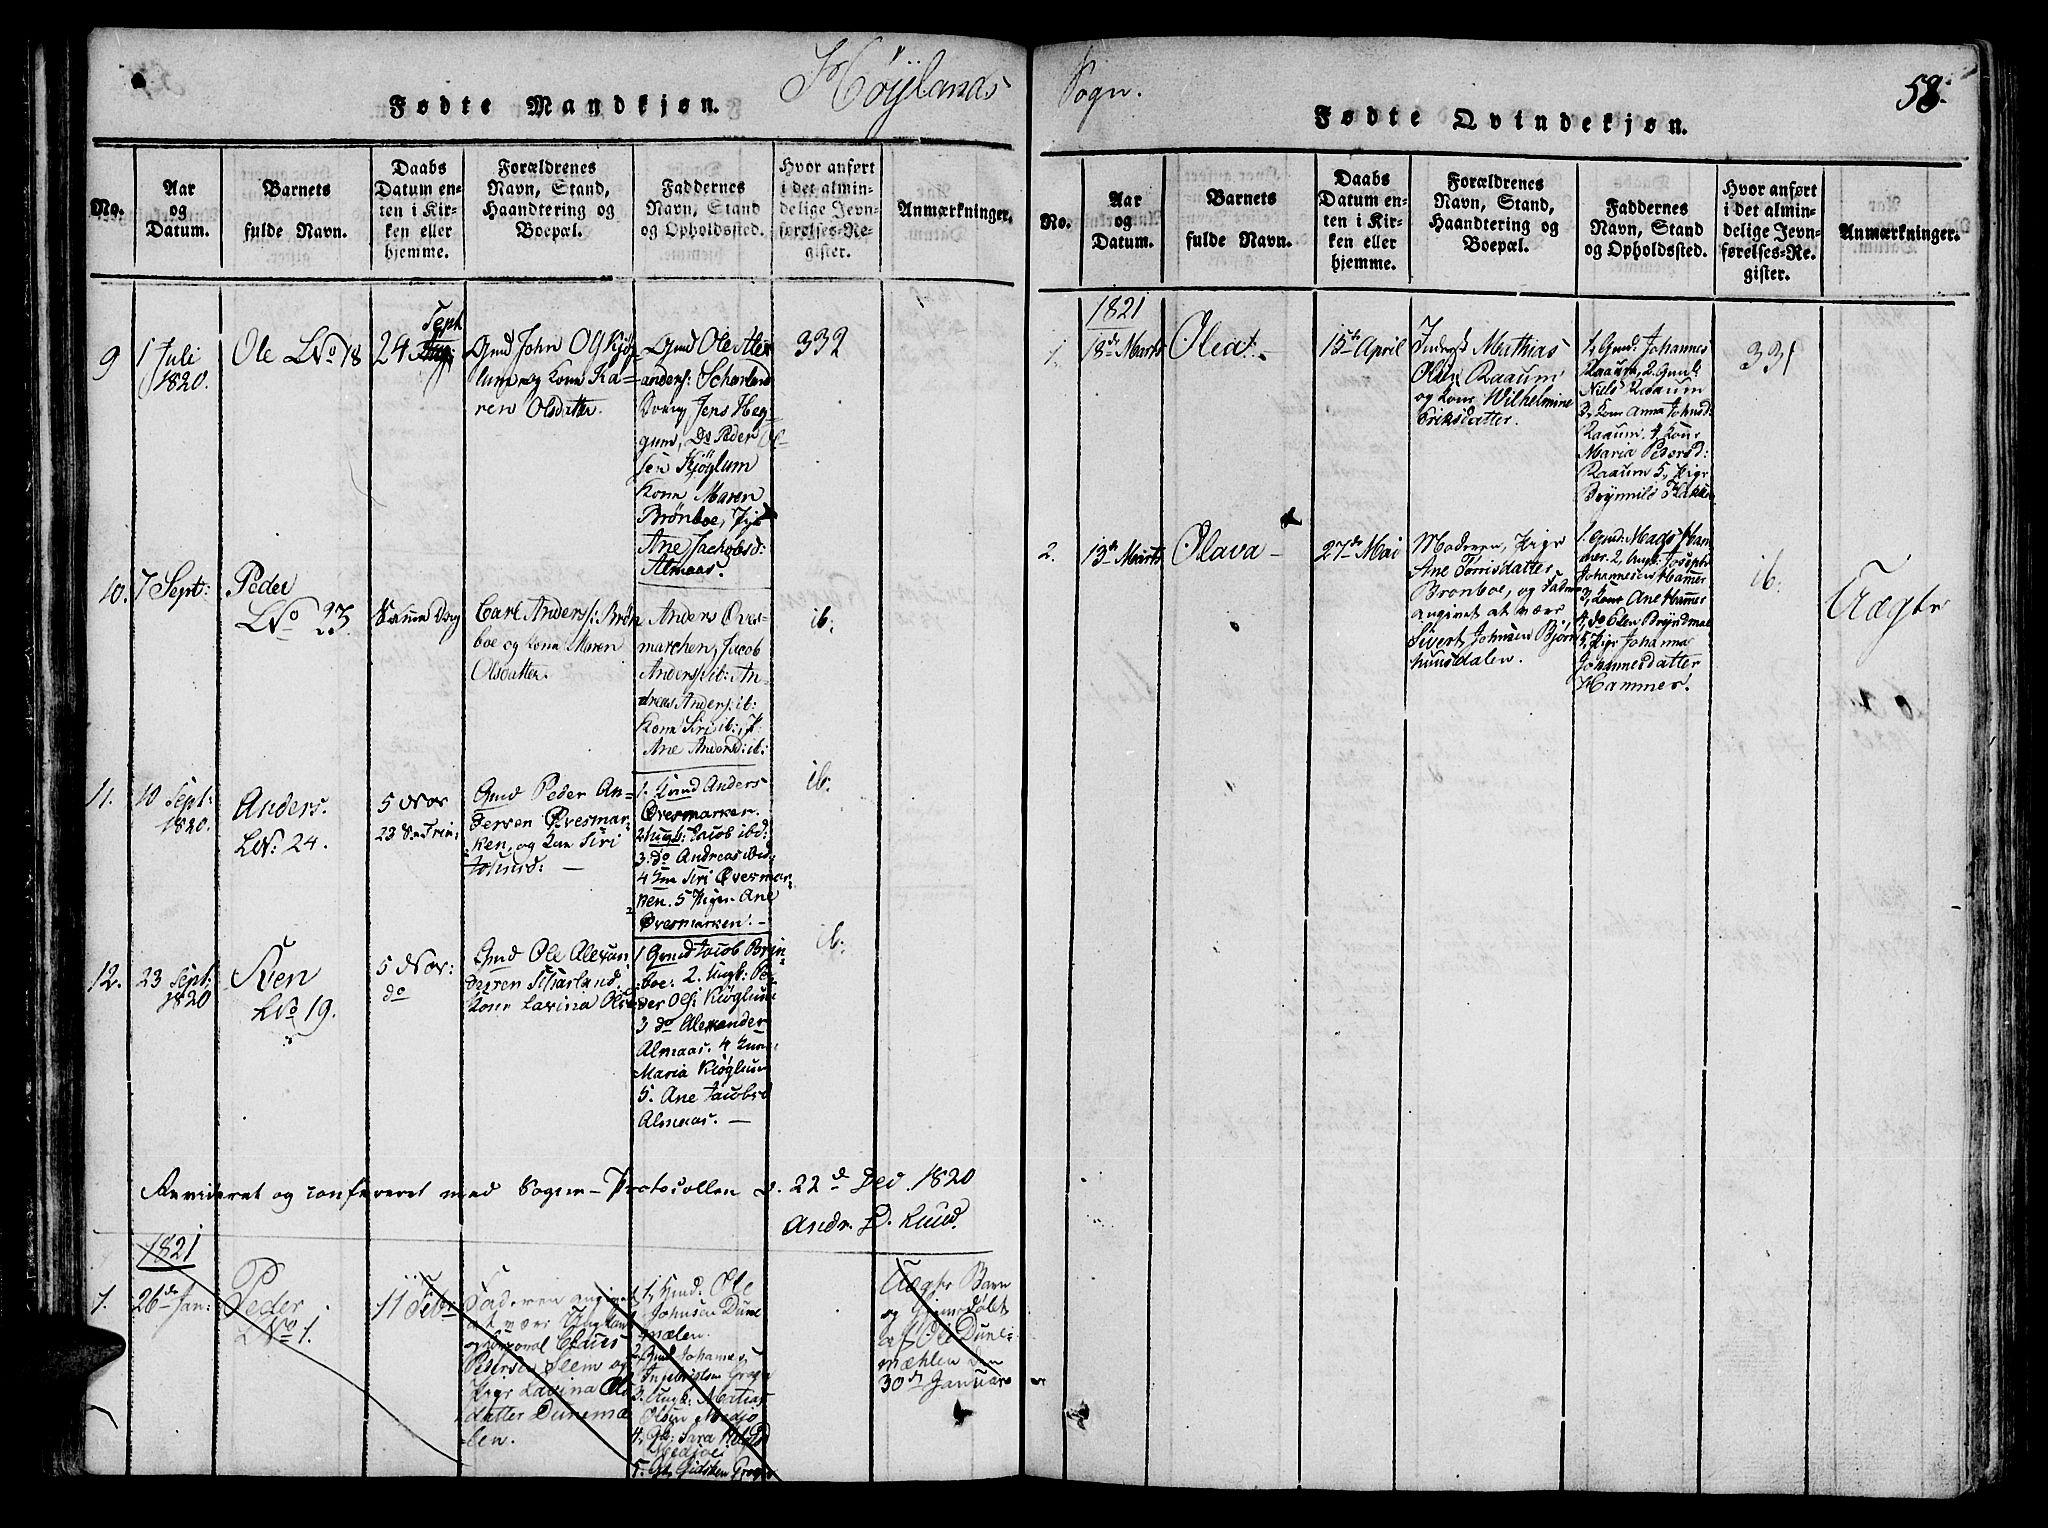 SAT, Ministerialprotokoller, klokkerbøker og fødselsregistre - Nord-Trøndelag, 764/L0546: Ministerialbok nr. 764A06 /3, 1817-1821, s. 58